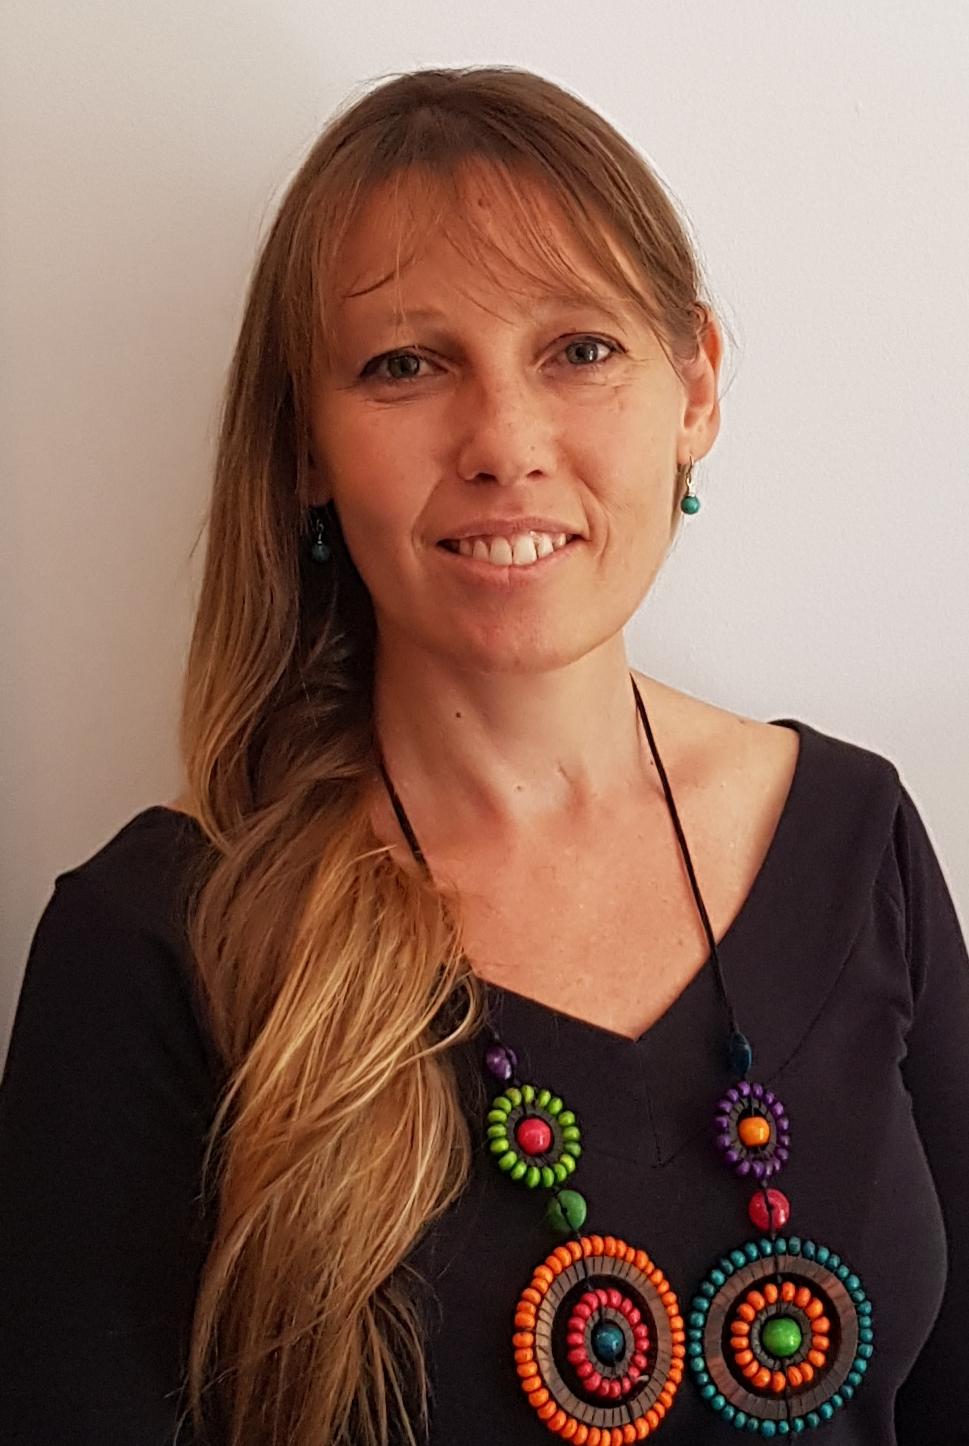 Kate Dempsey